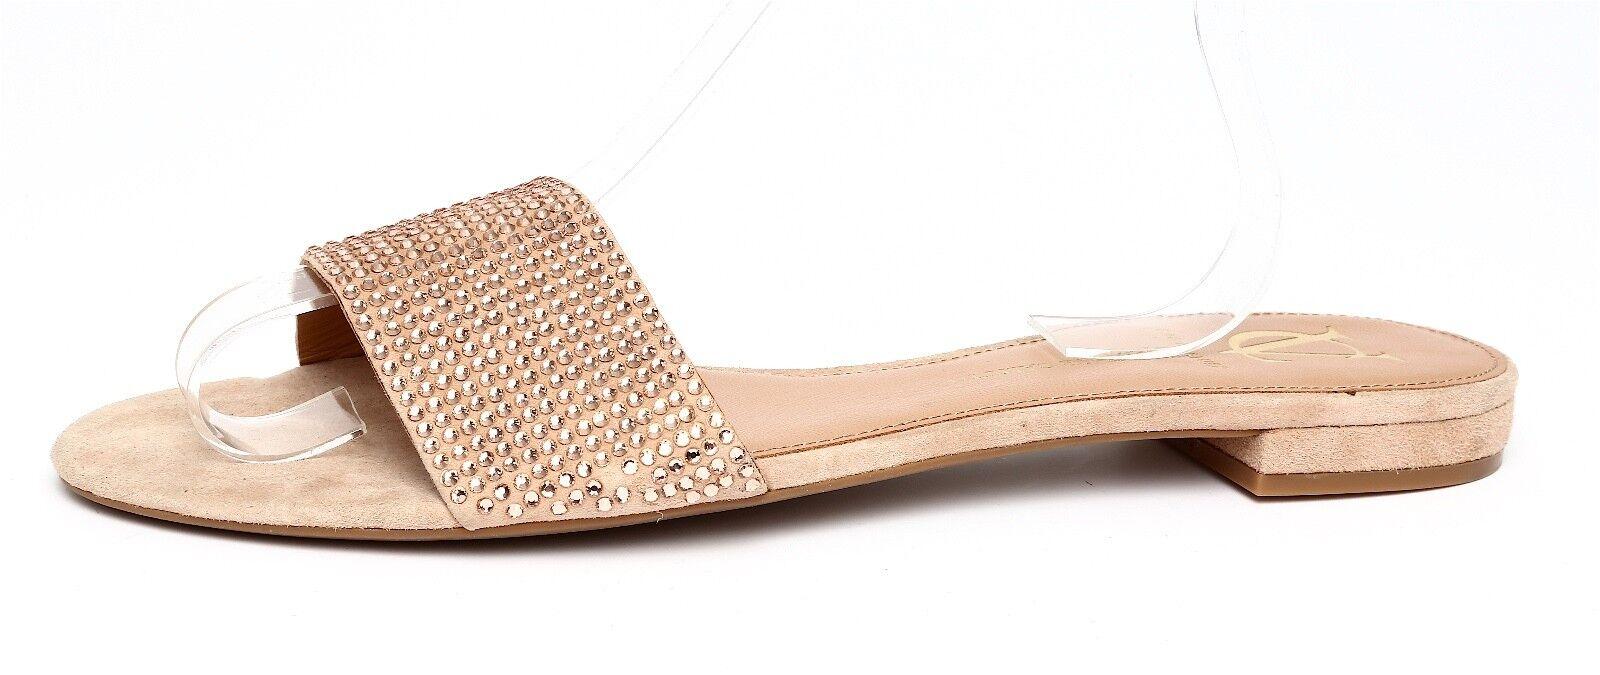 Vince Camuto Signature Sabley Women's Buff Sandal Sz 10M 1104